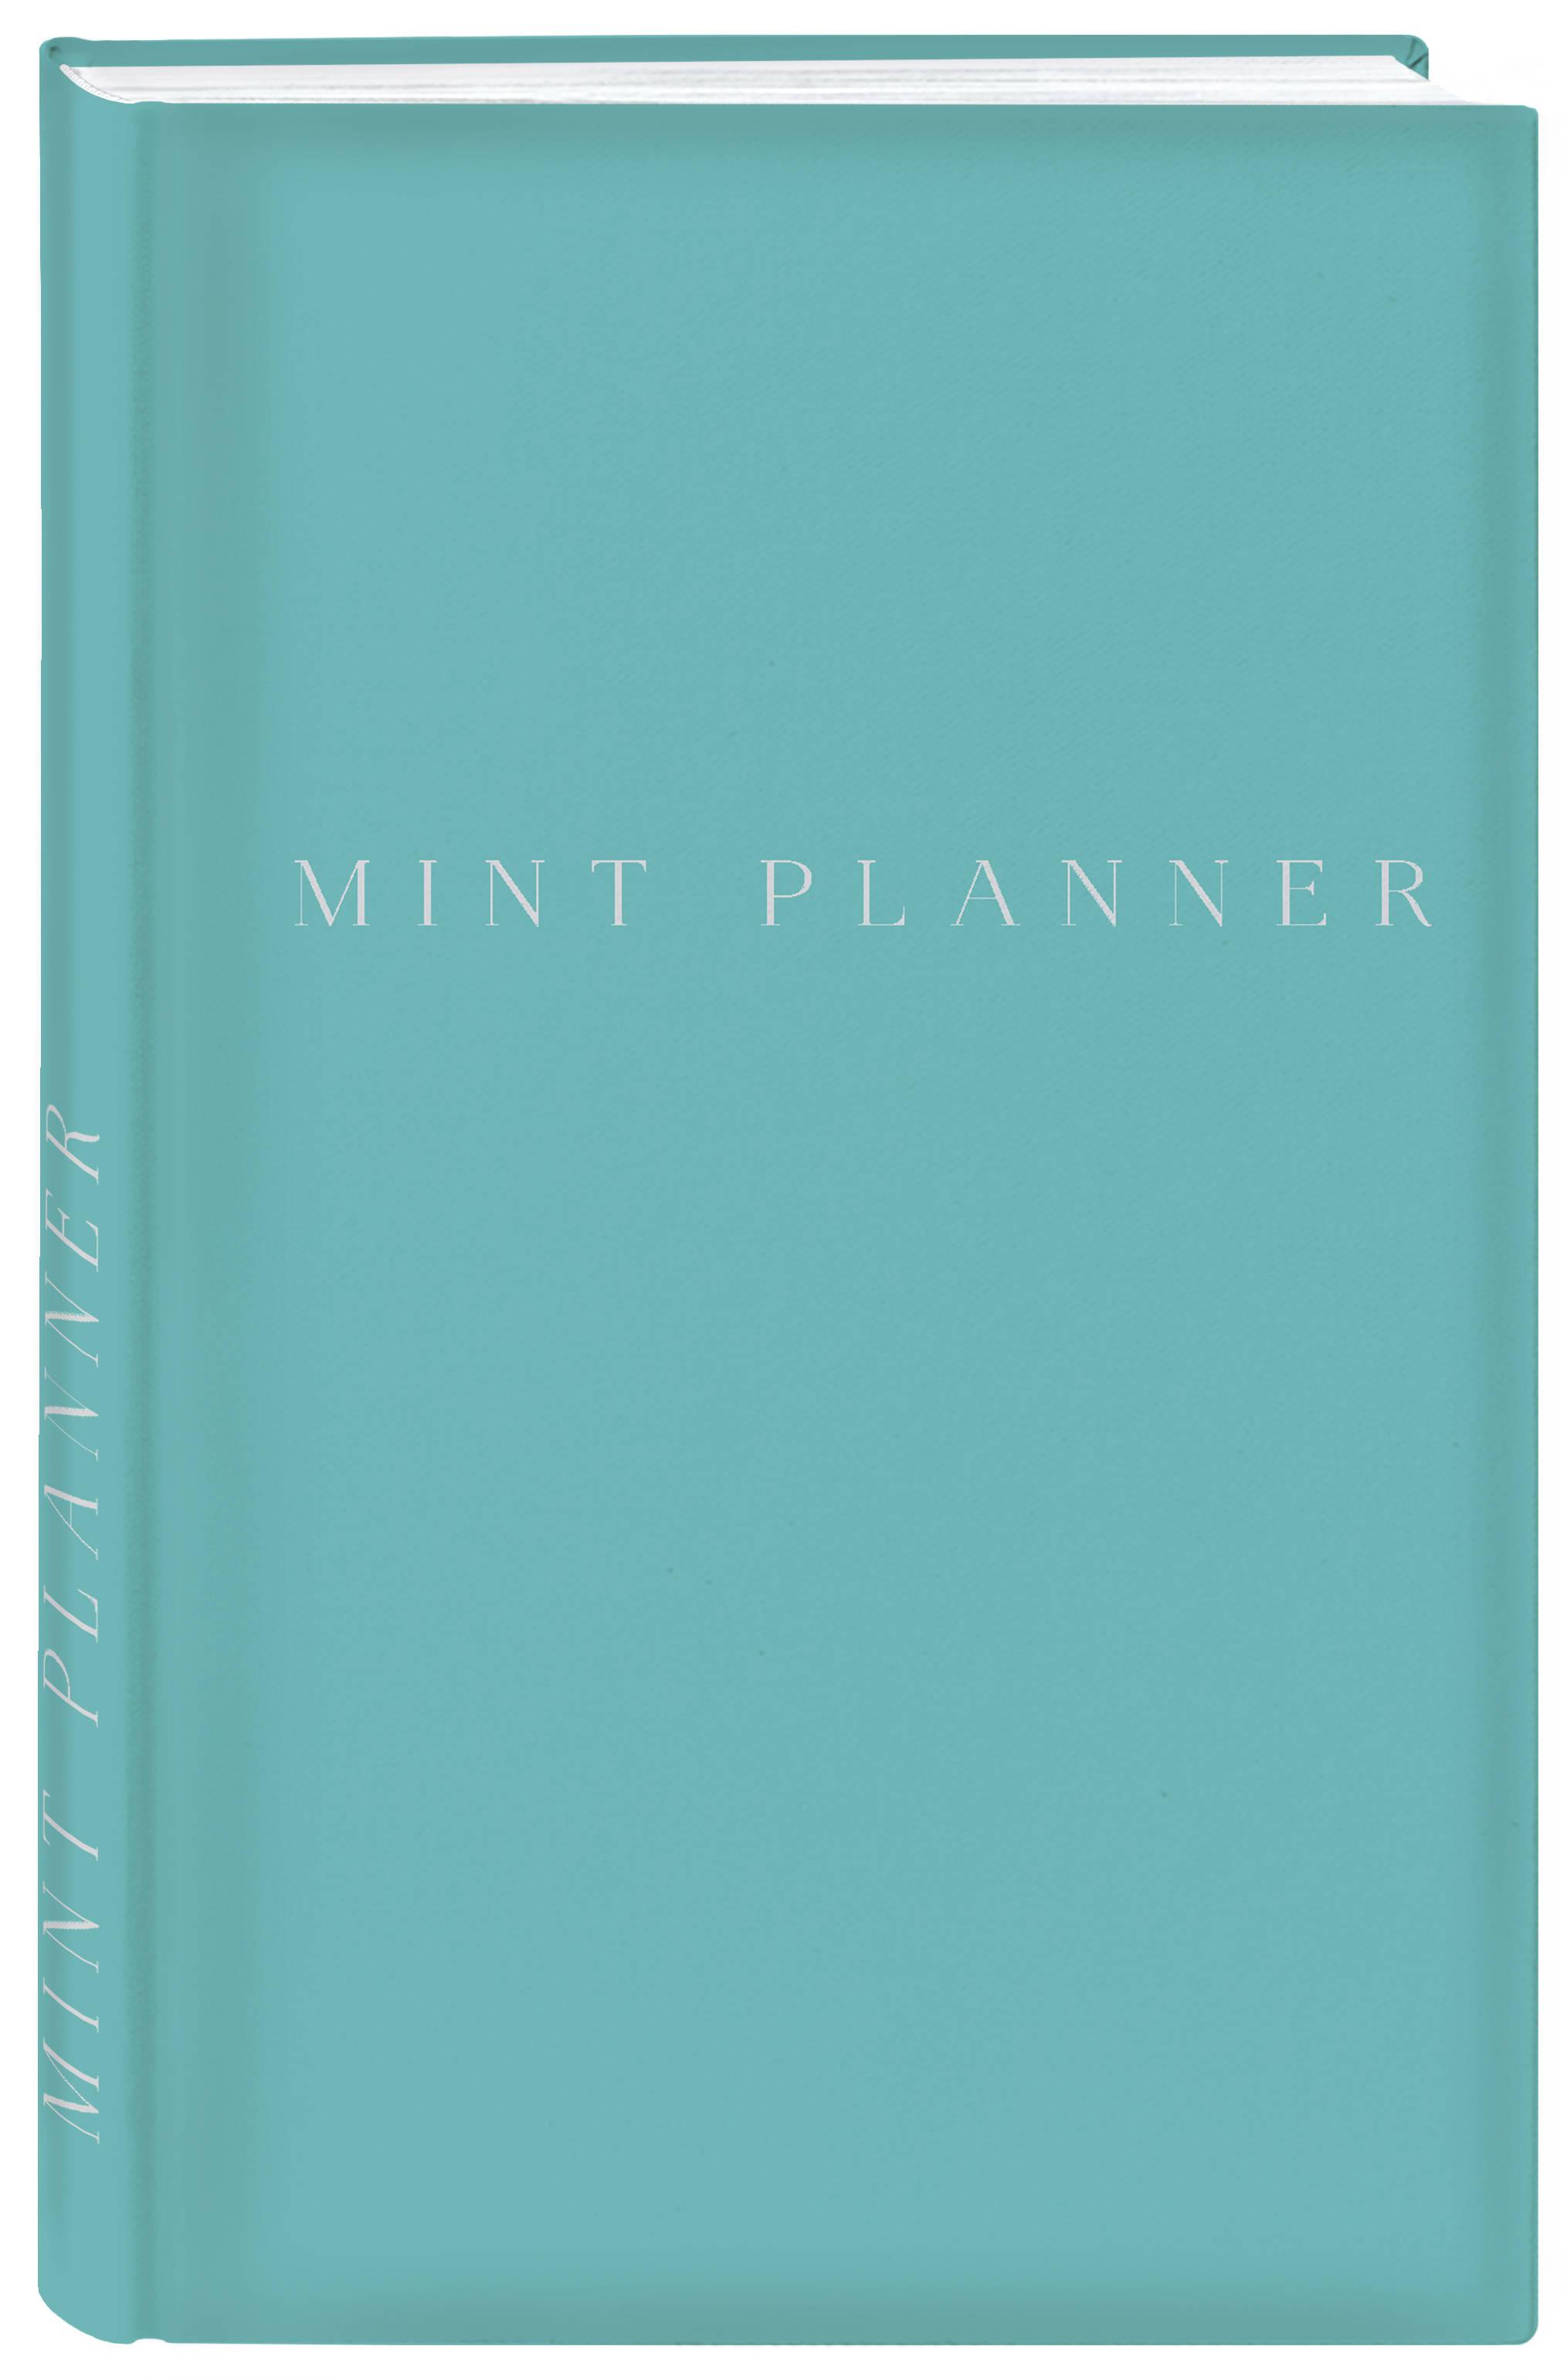 Mint Planner люси келли 9 способов хорошего самочувствия